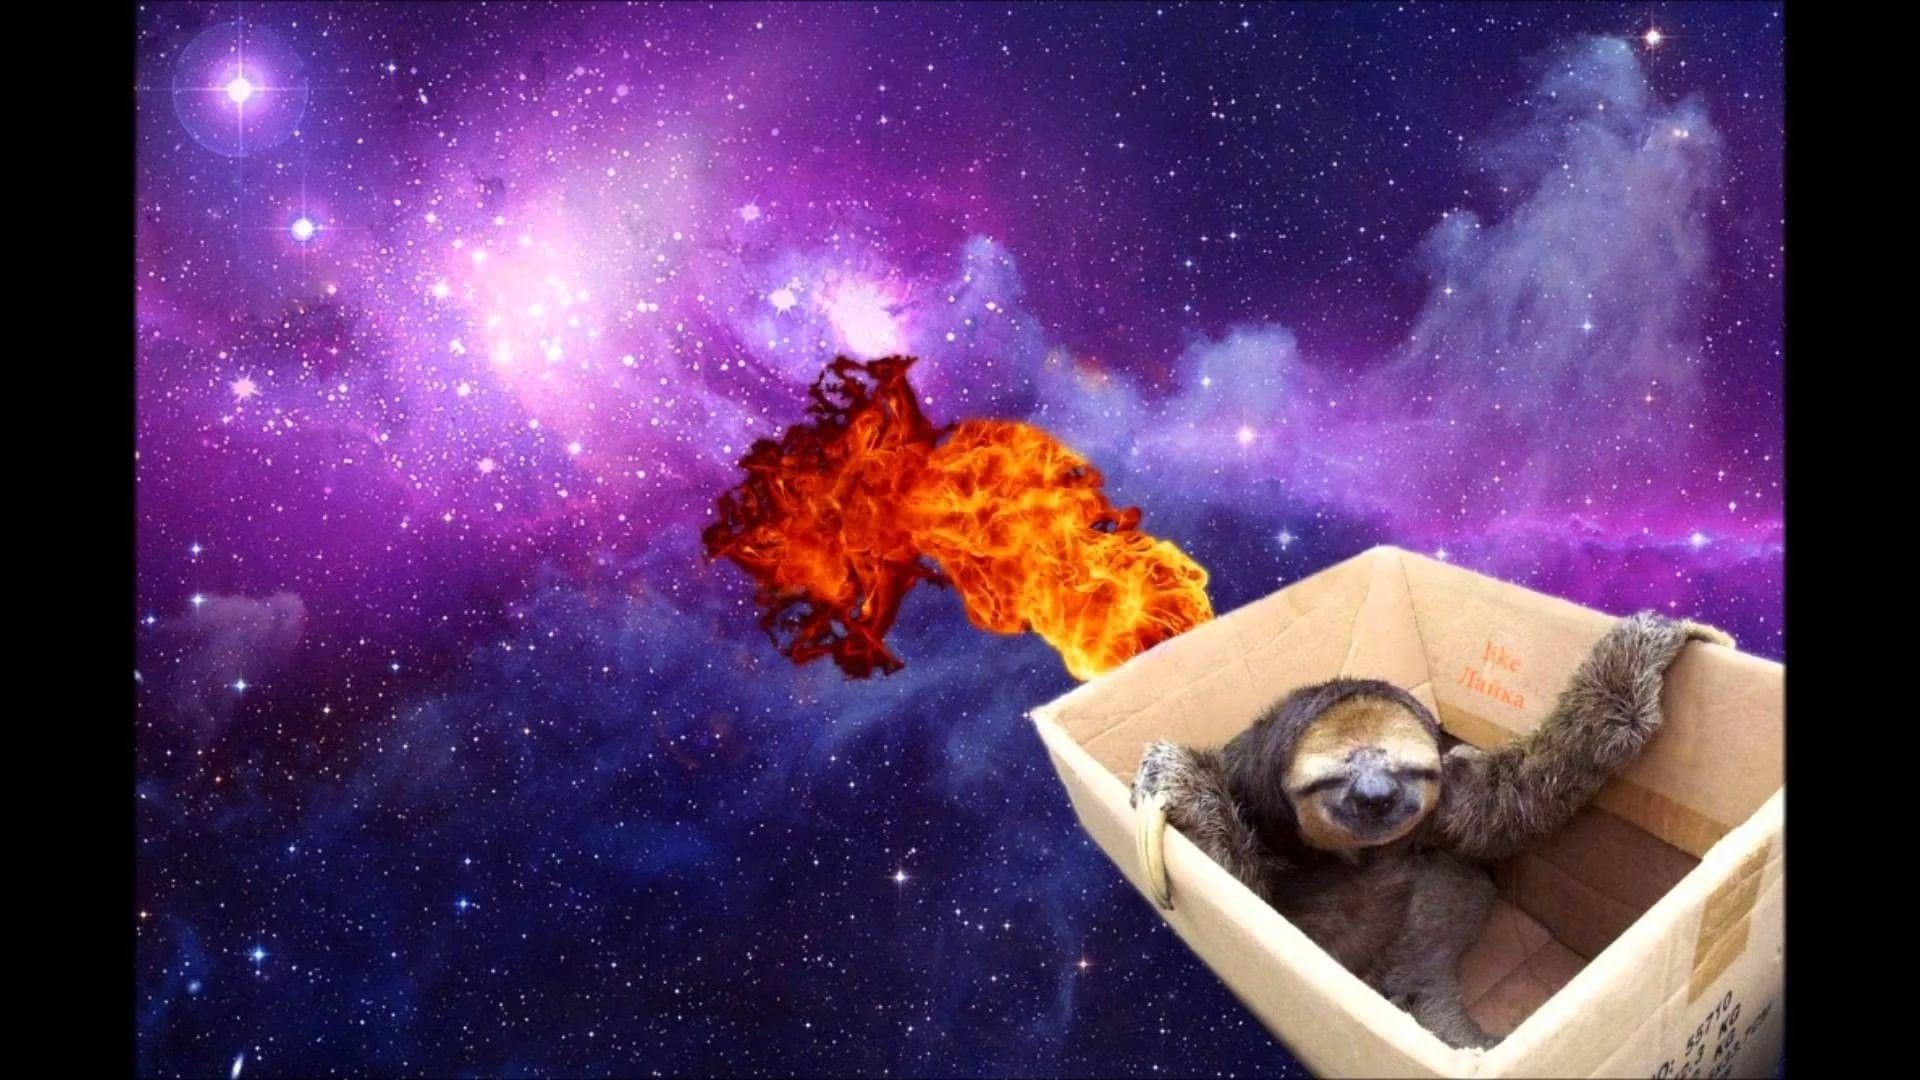 Sloth High Definition